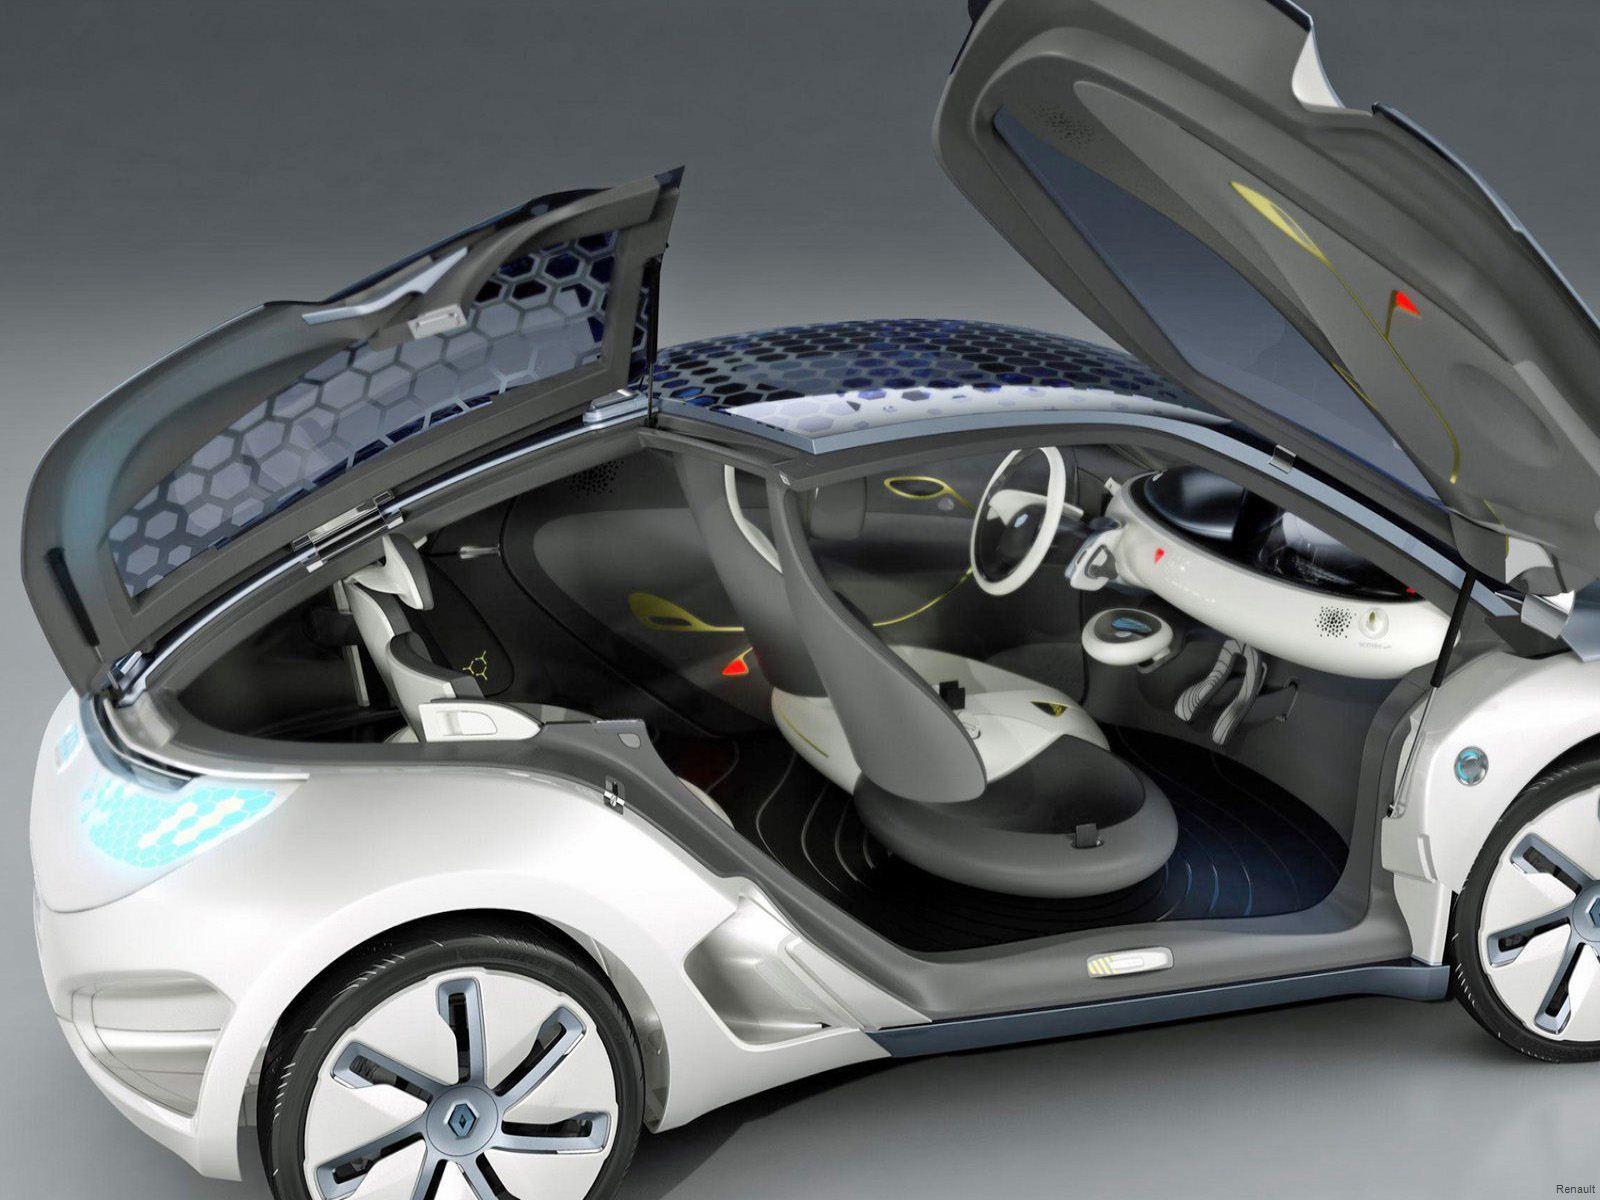 Zoe Concept Door Arrangement (Image: Renault)